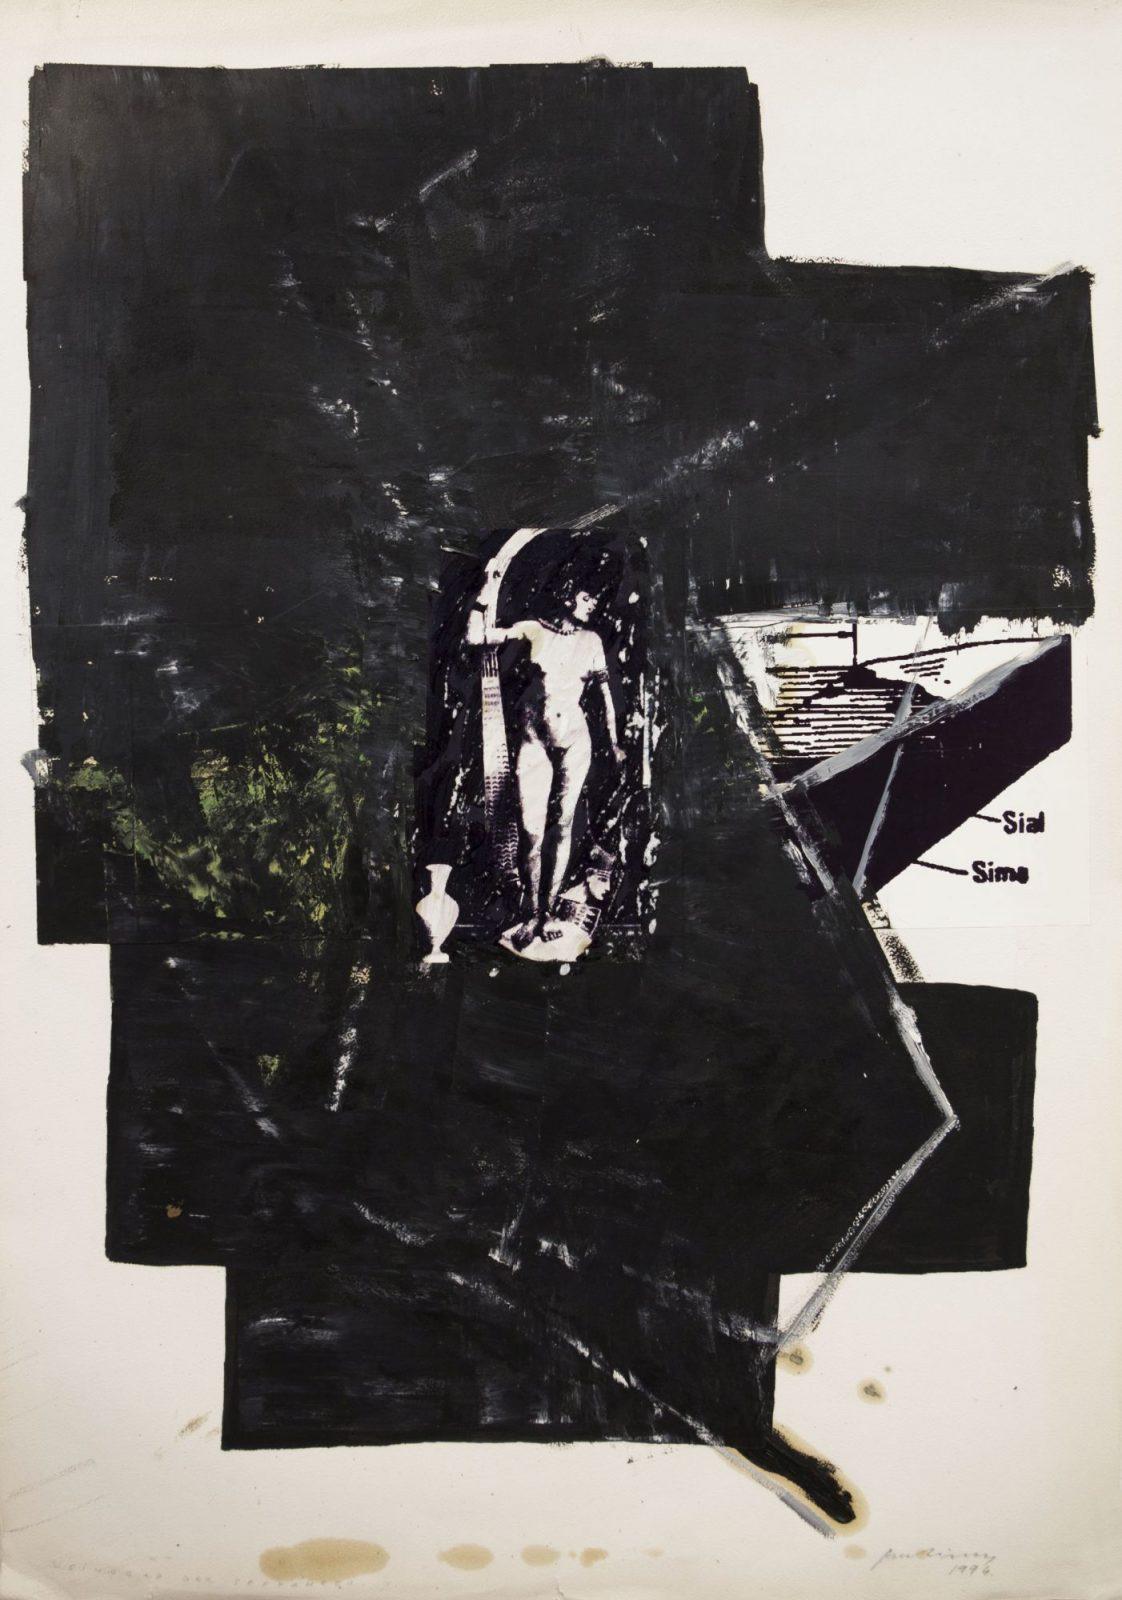 László Mulasics: Sindbad der Seefahrer IV